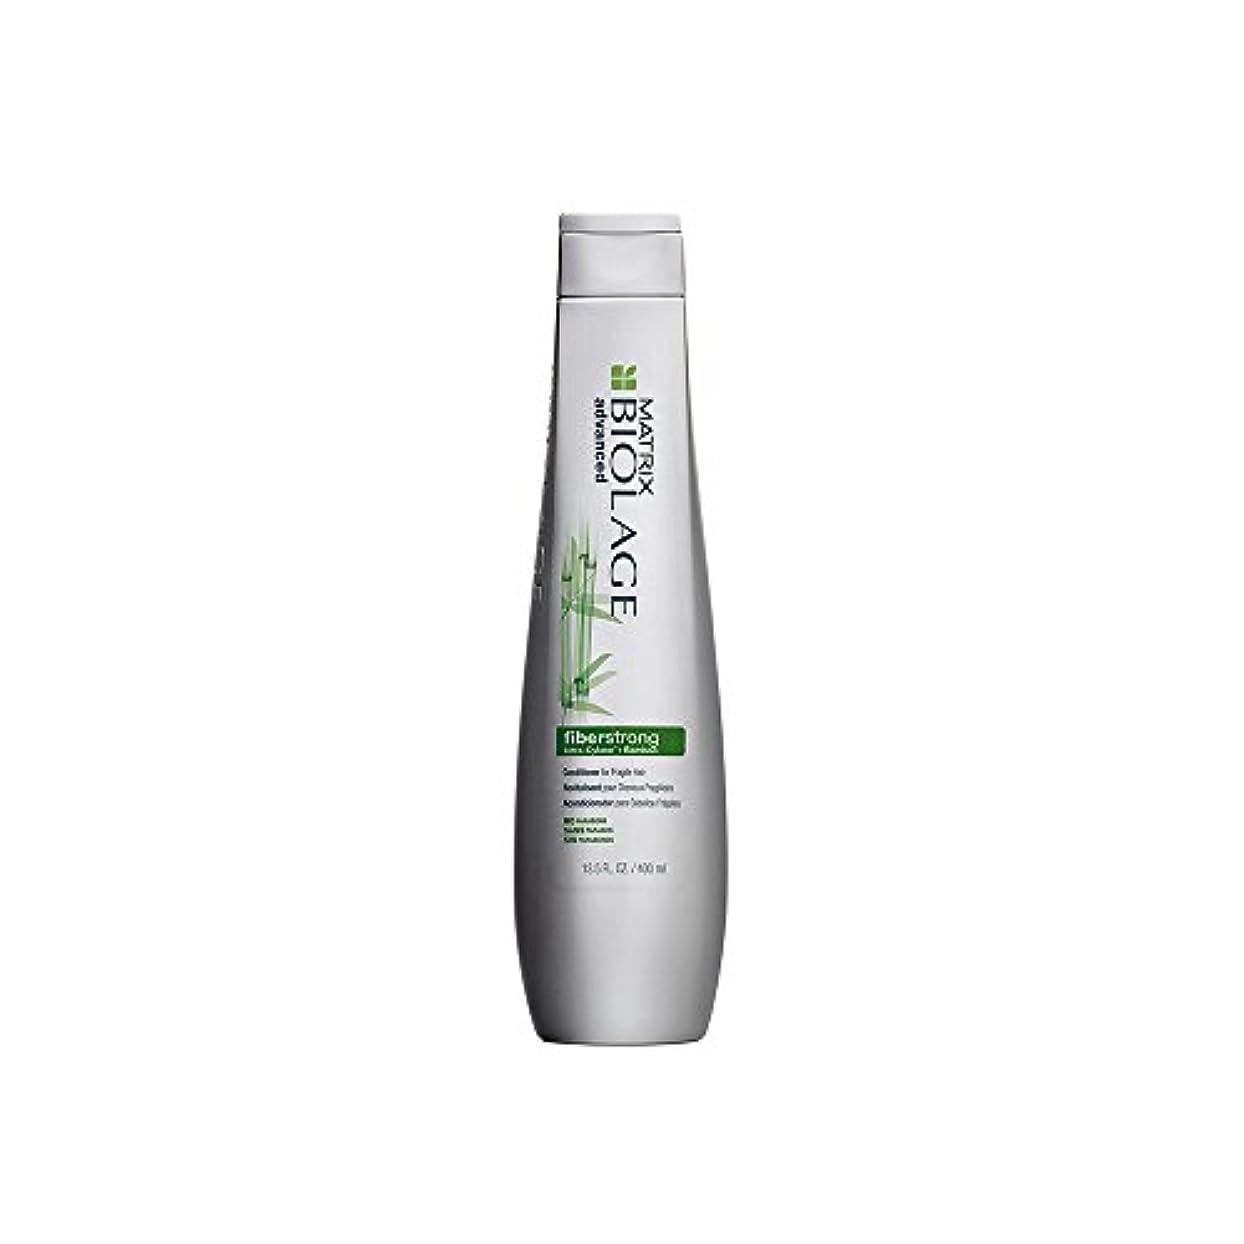 許される後方革命的マトリックス Biolage Advanced FiberStrong Conditioner (For Fragile Hair) 1732272 400ml [海外直送品]